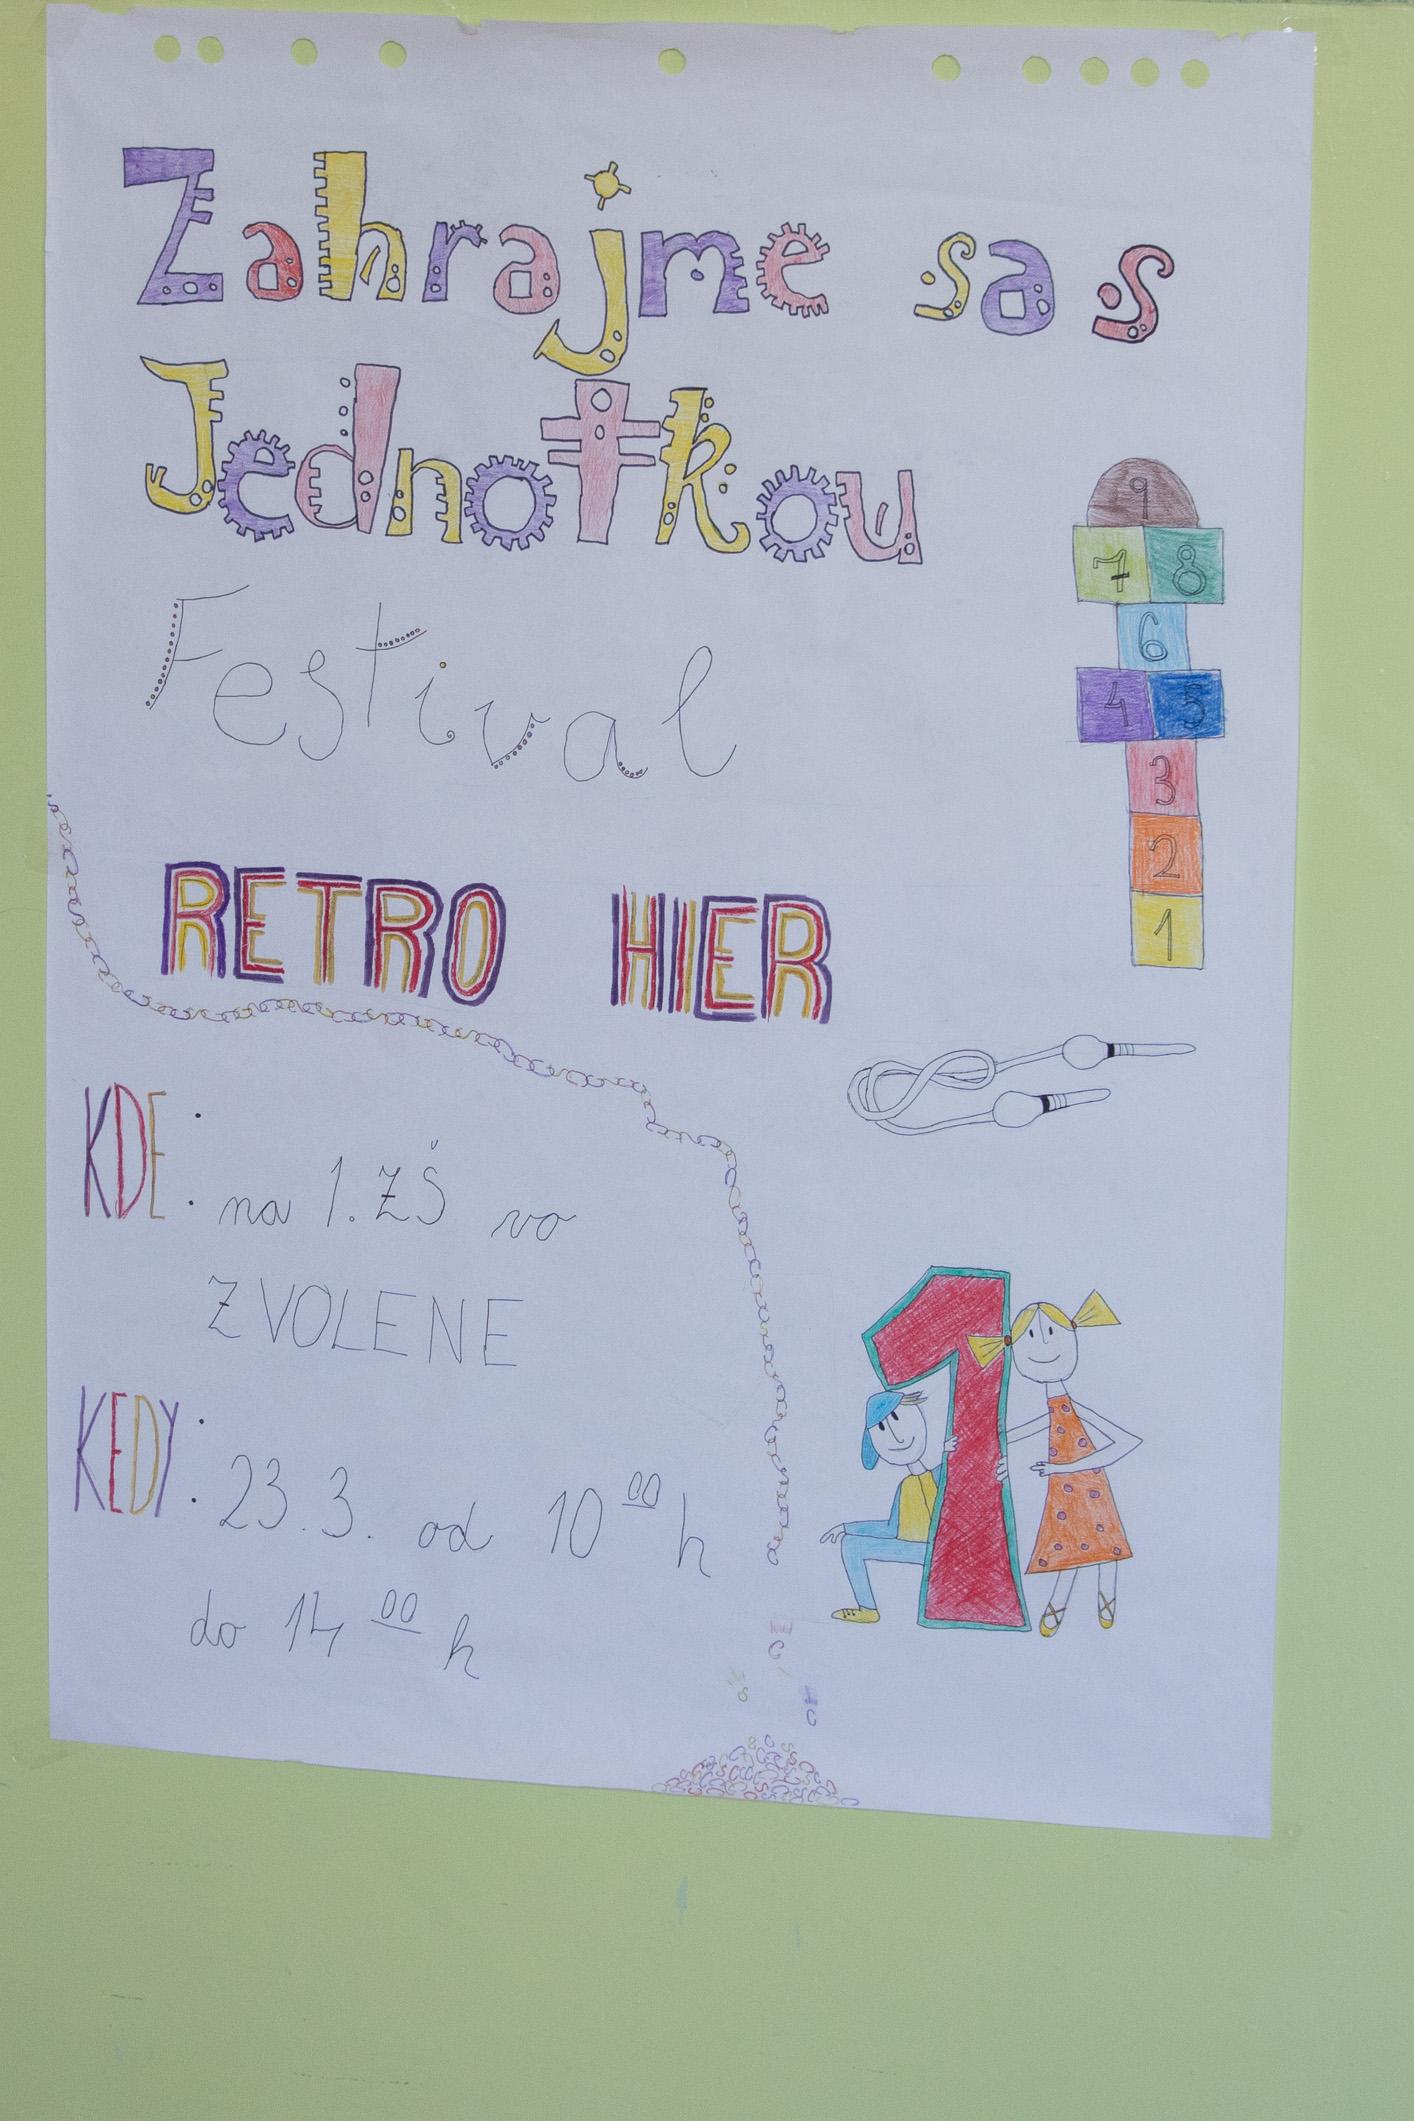 festival-retro-hry-zv-6